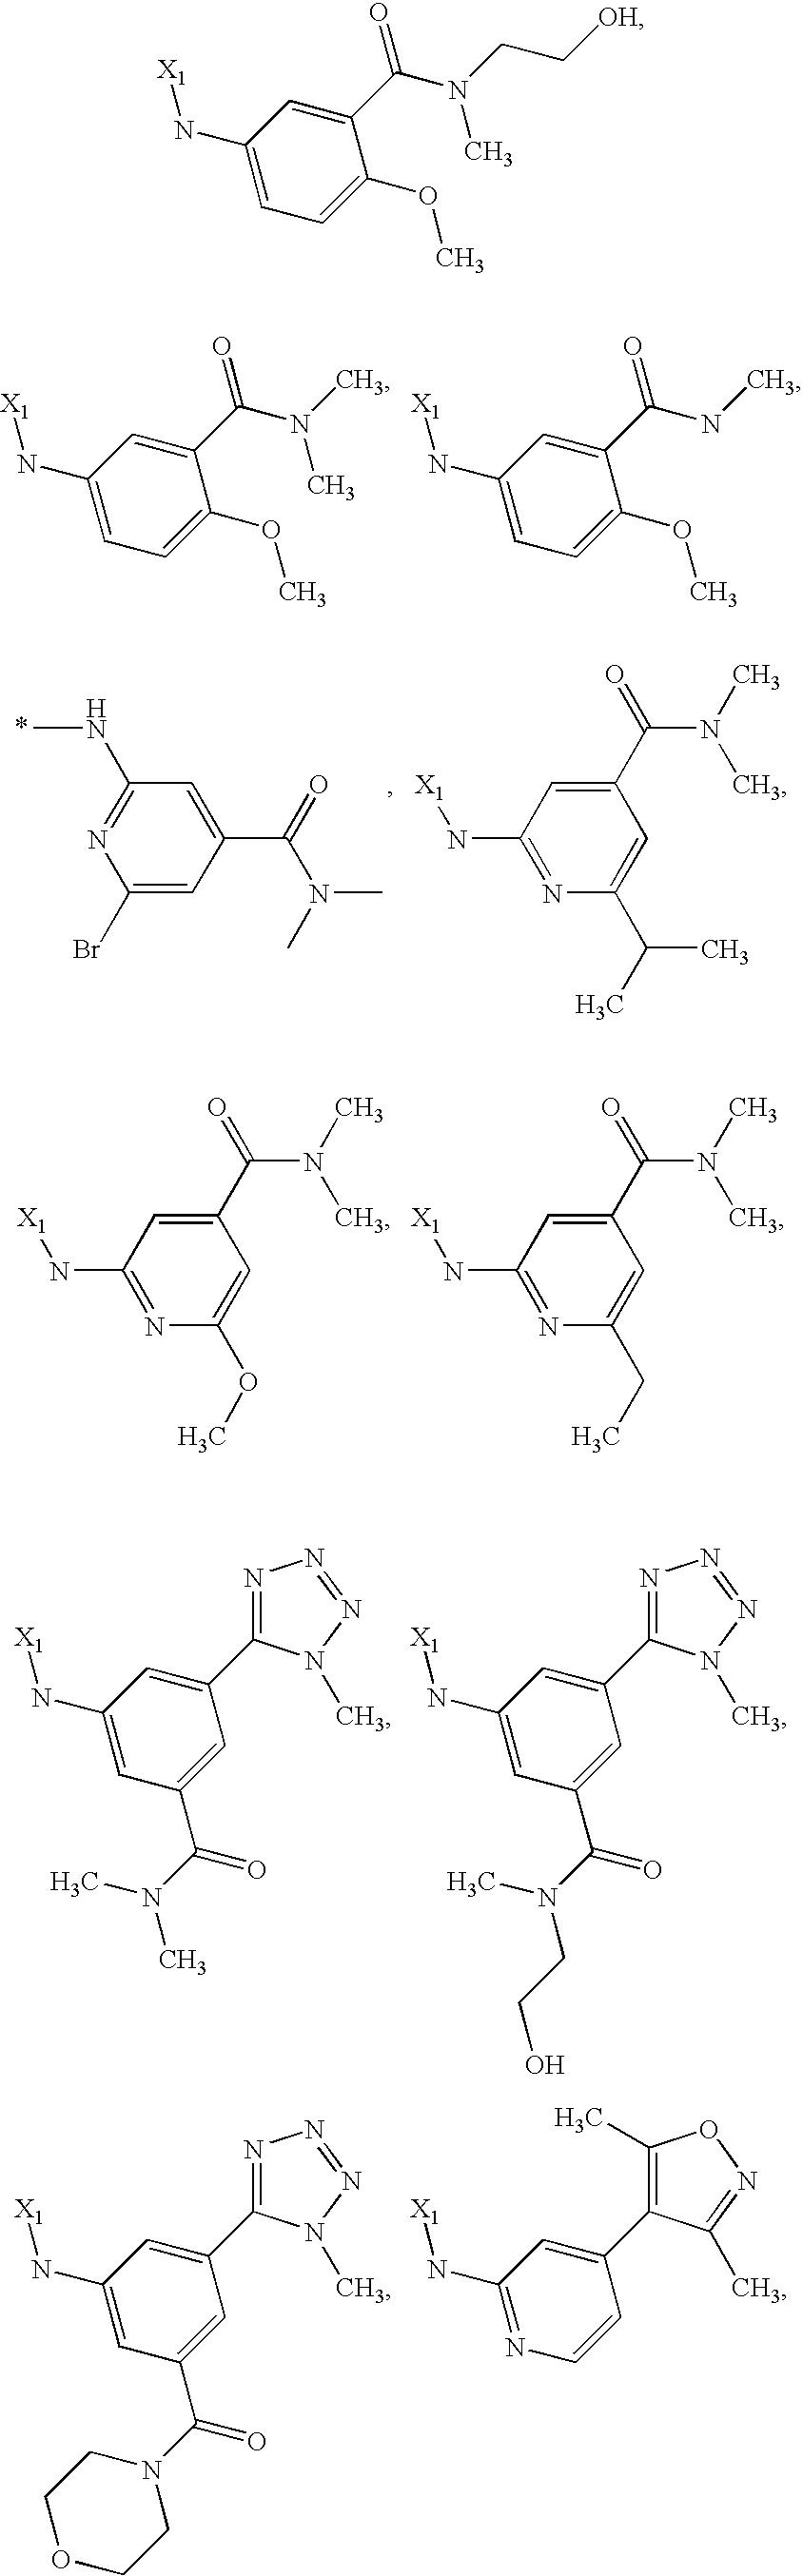 Figure US20100261687A1-20101014-C00527